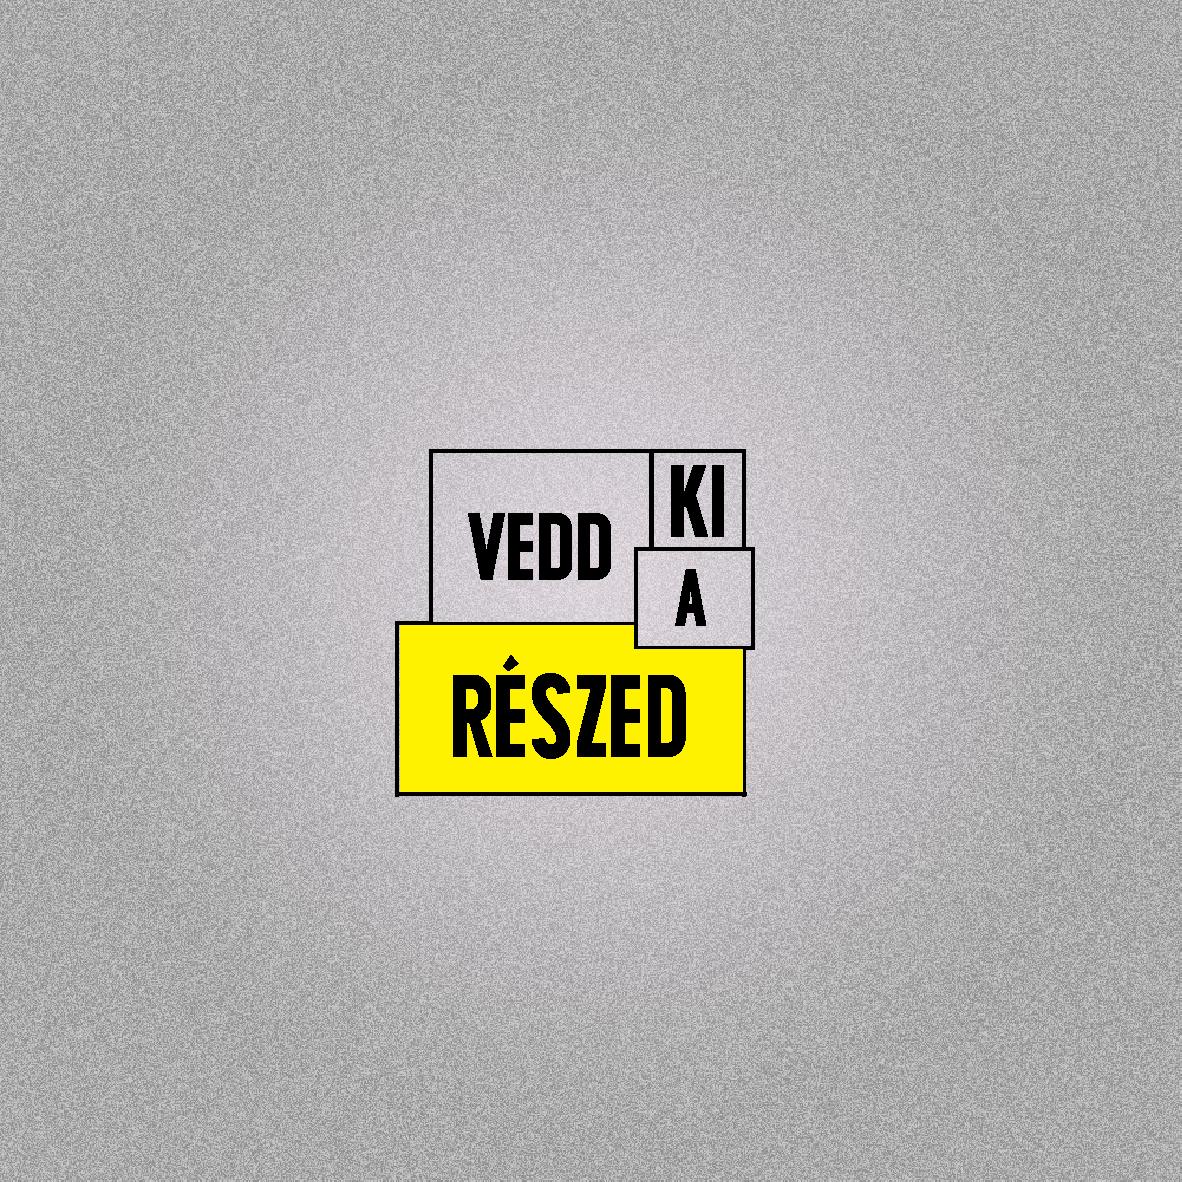 reakt_veddki20